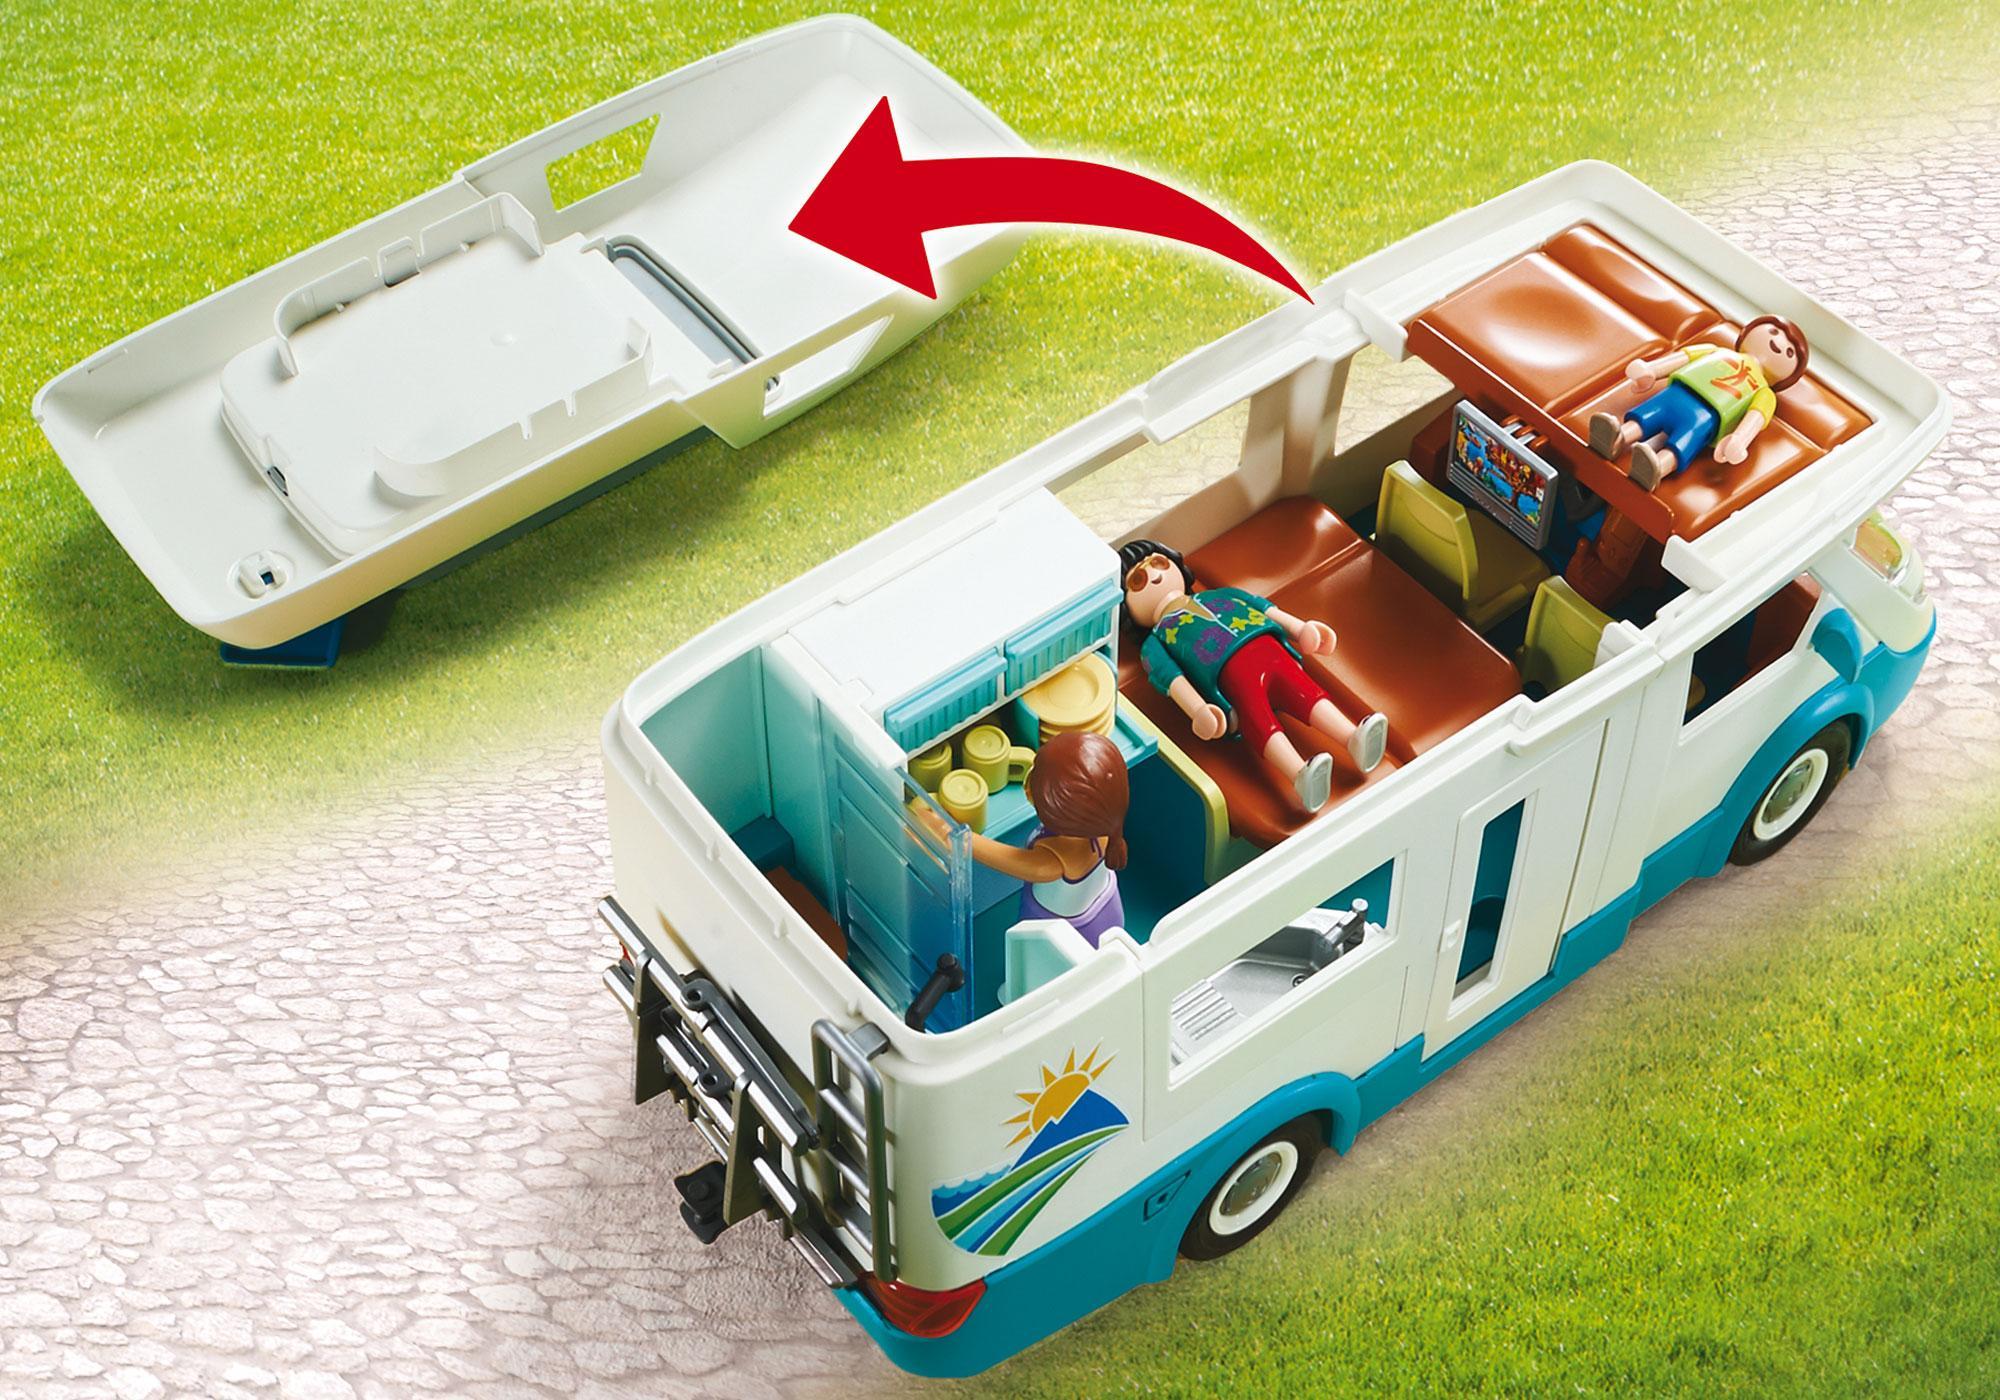 http://media.playmobil.com/i/playmobil/70088_product_extra1/Autocamper